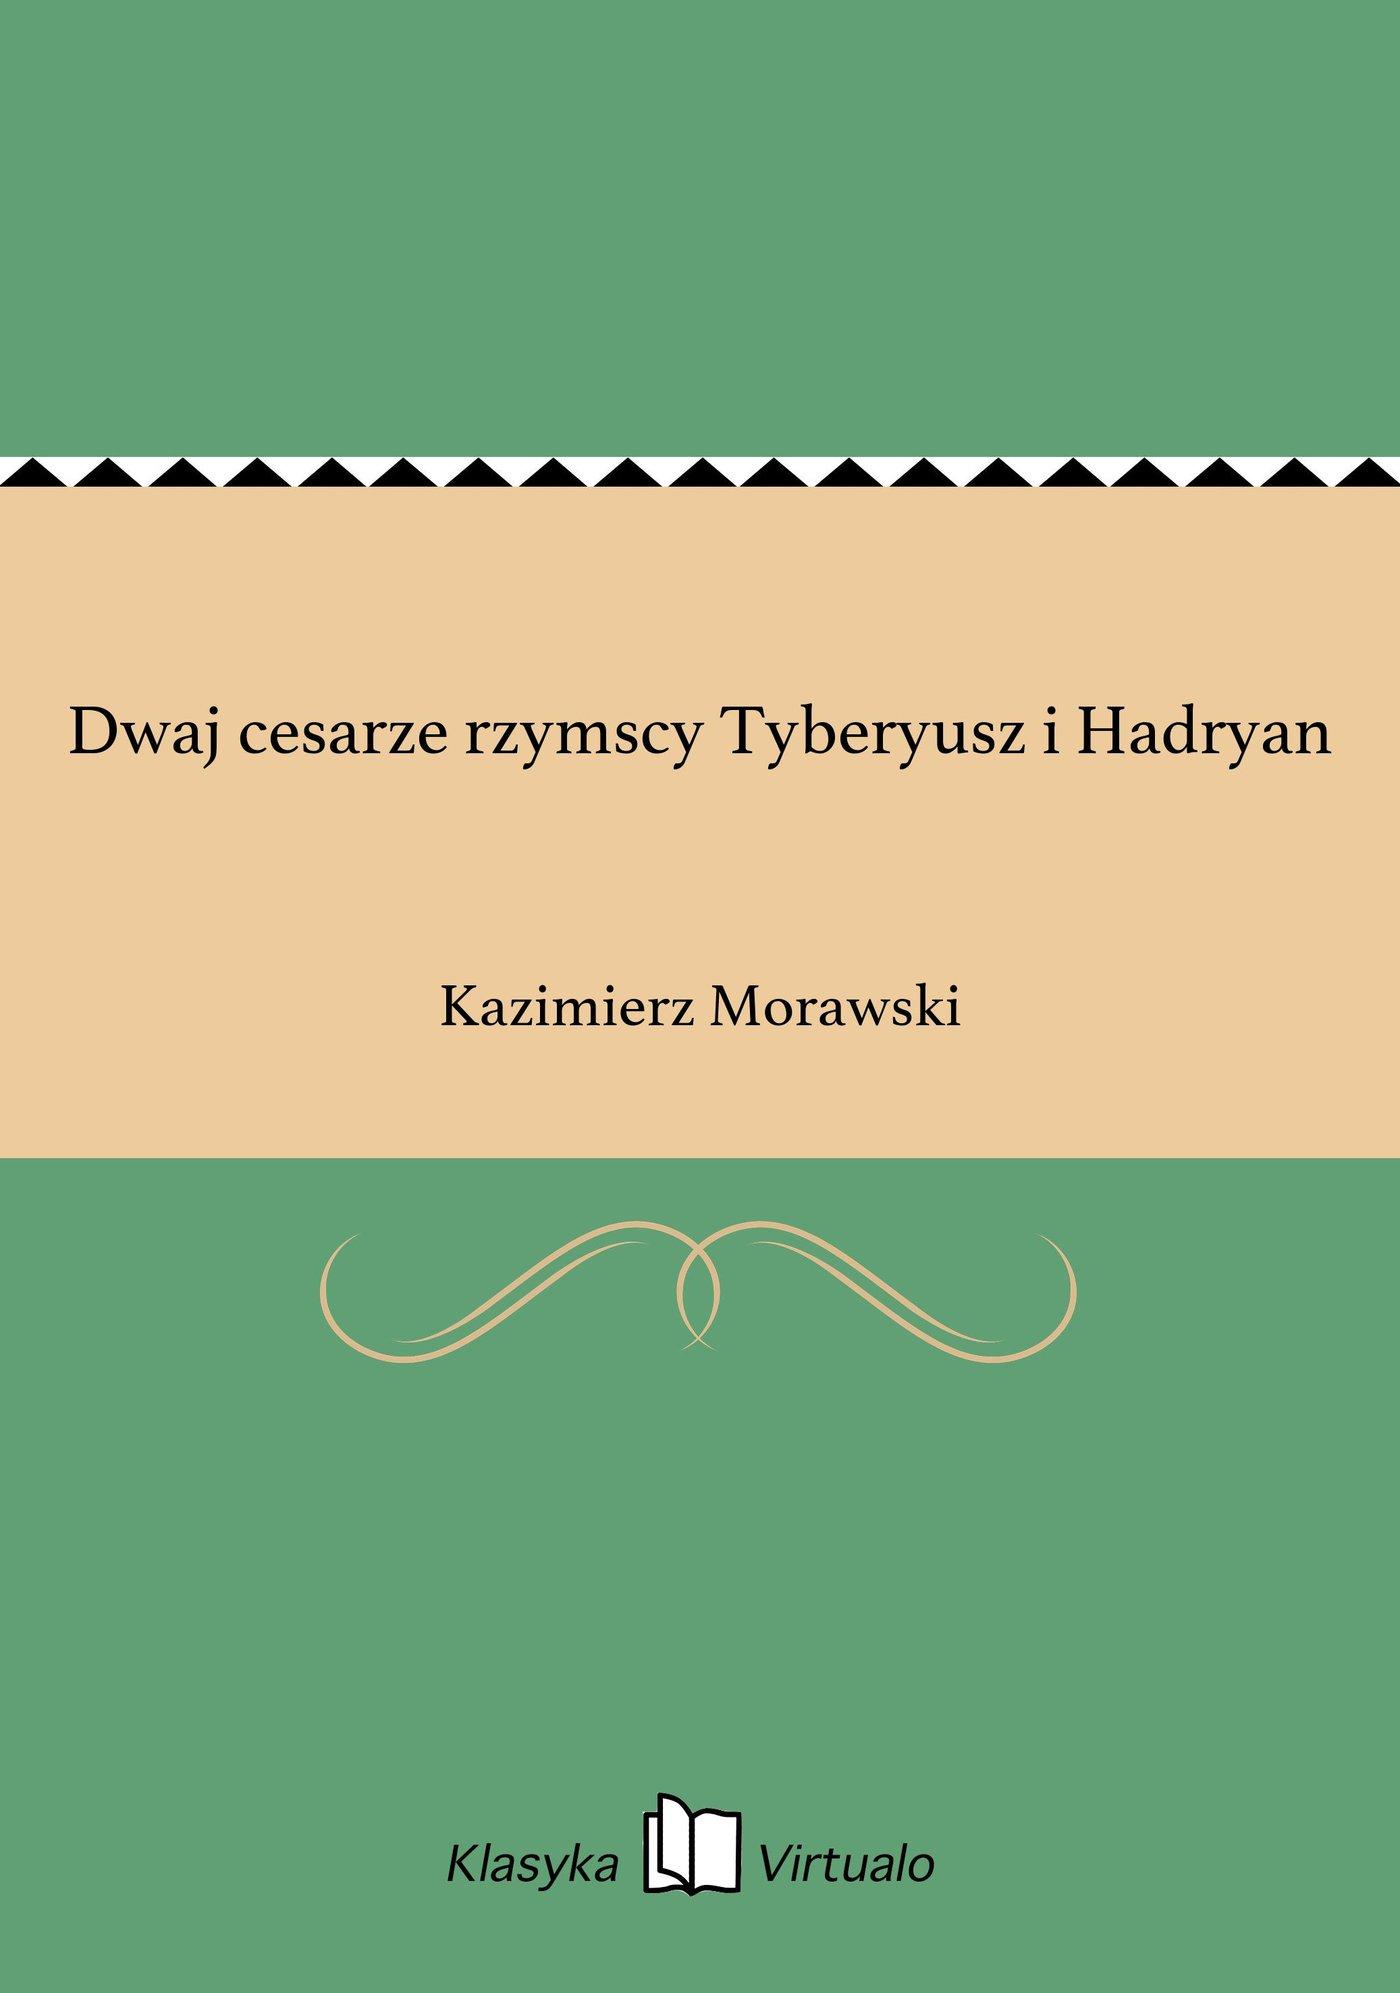 Dwaj cesarze rzymscy Tyberyusz i Hadryan - Ebook (Książka EPUB) do pobrania w formacie EPUB